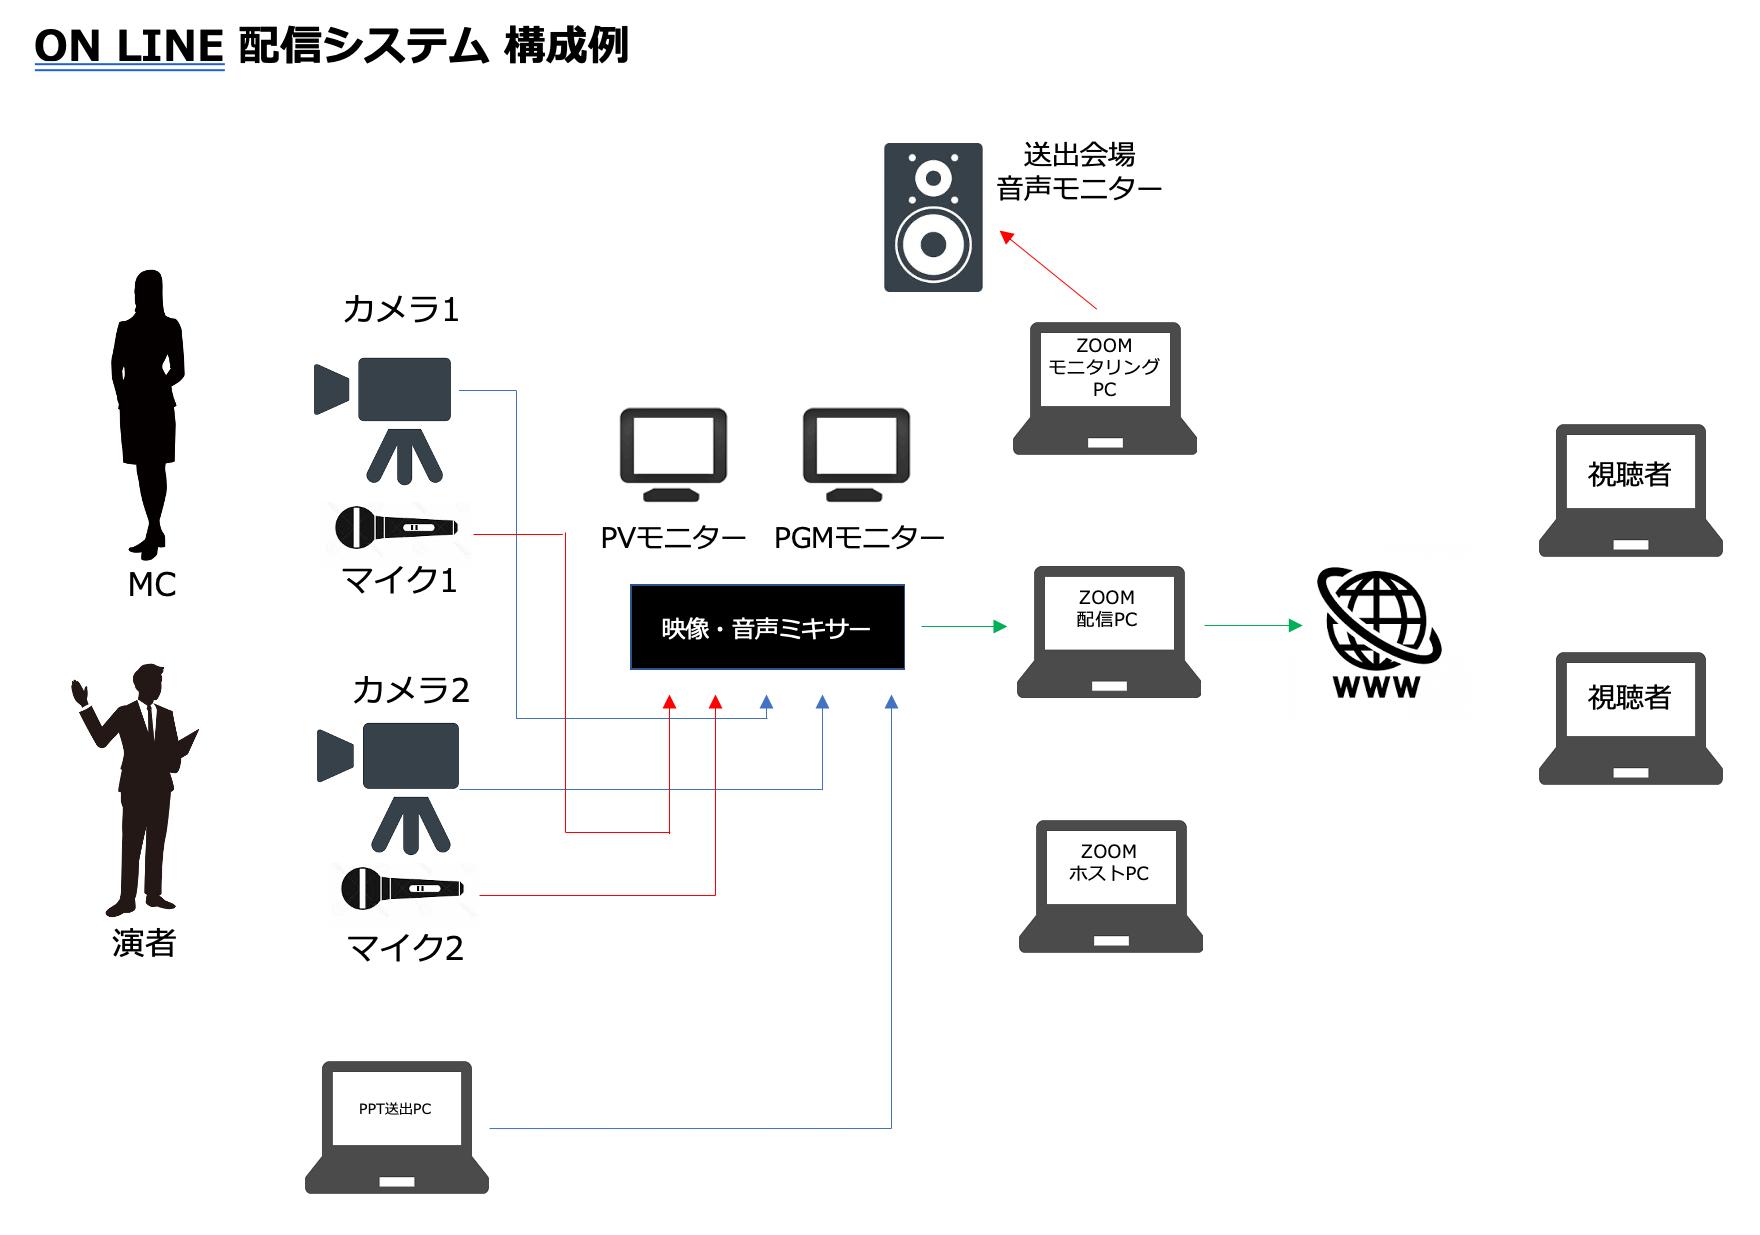 オンライン配信システム図